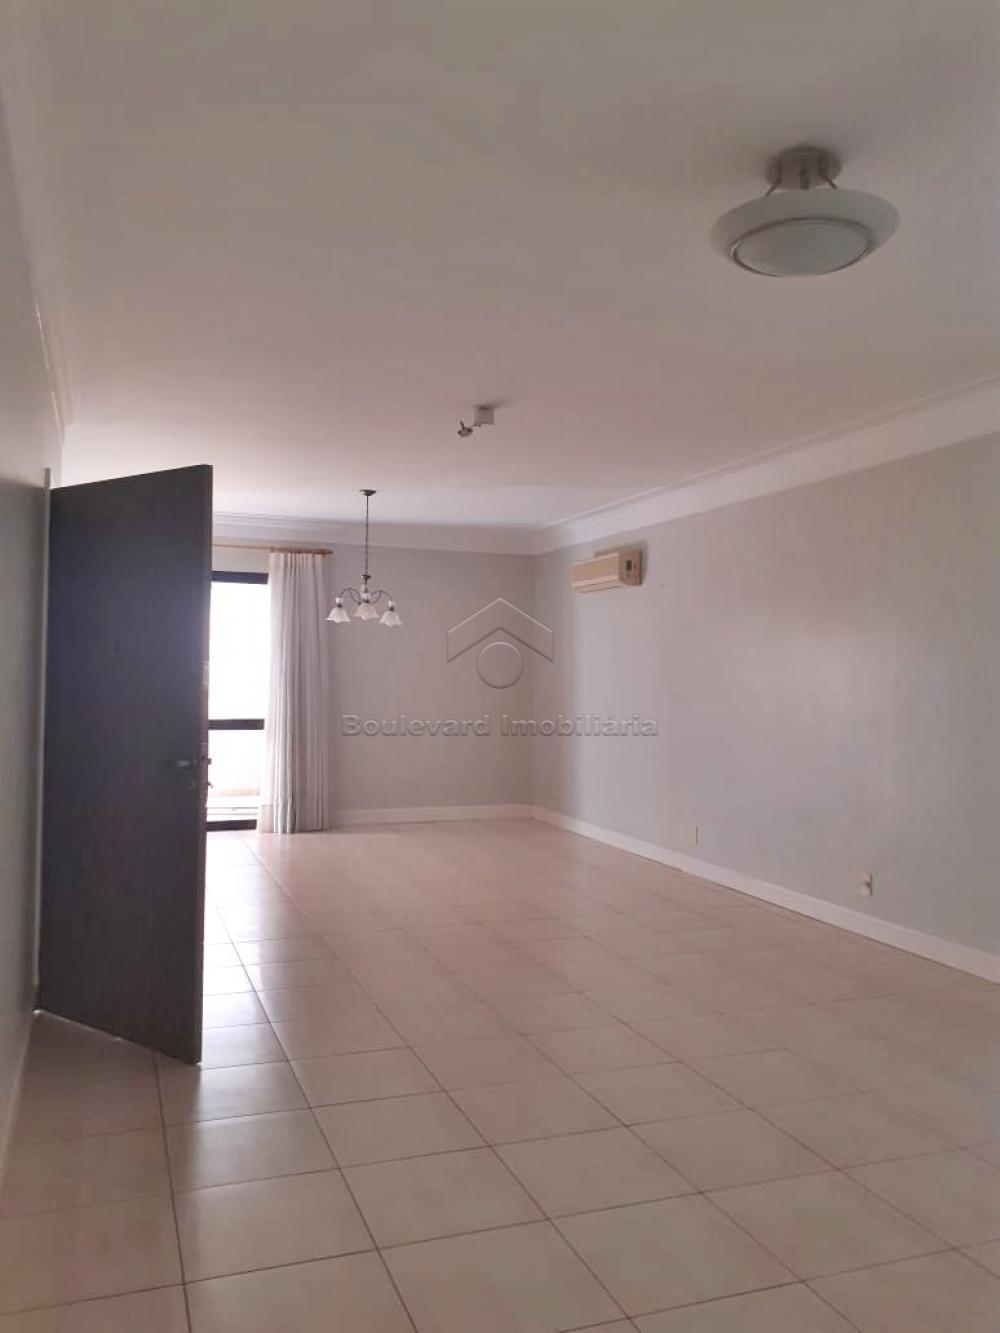 Alugar Apartamento / Padrão em Ribeirão Preto R$ 5.000,00 - Foto 12